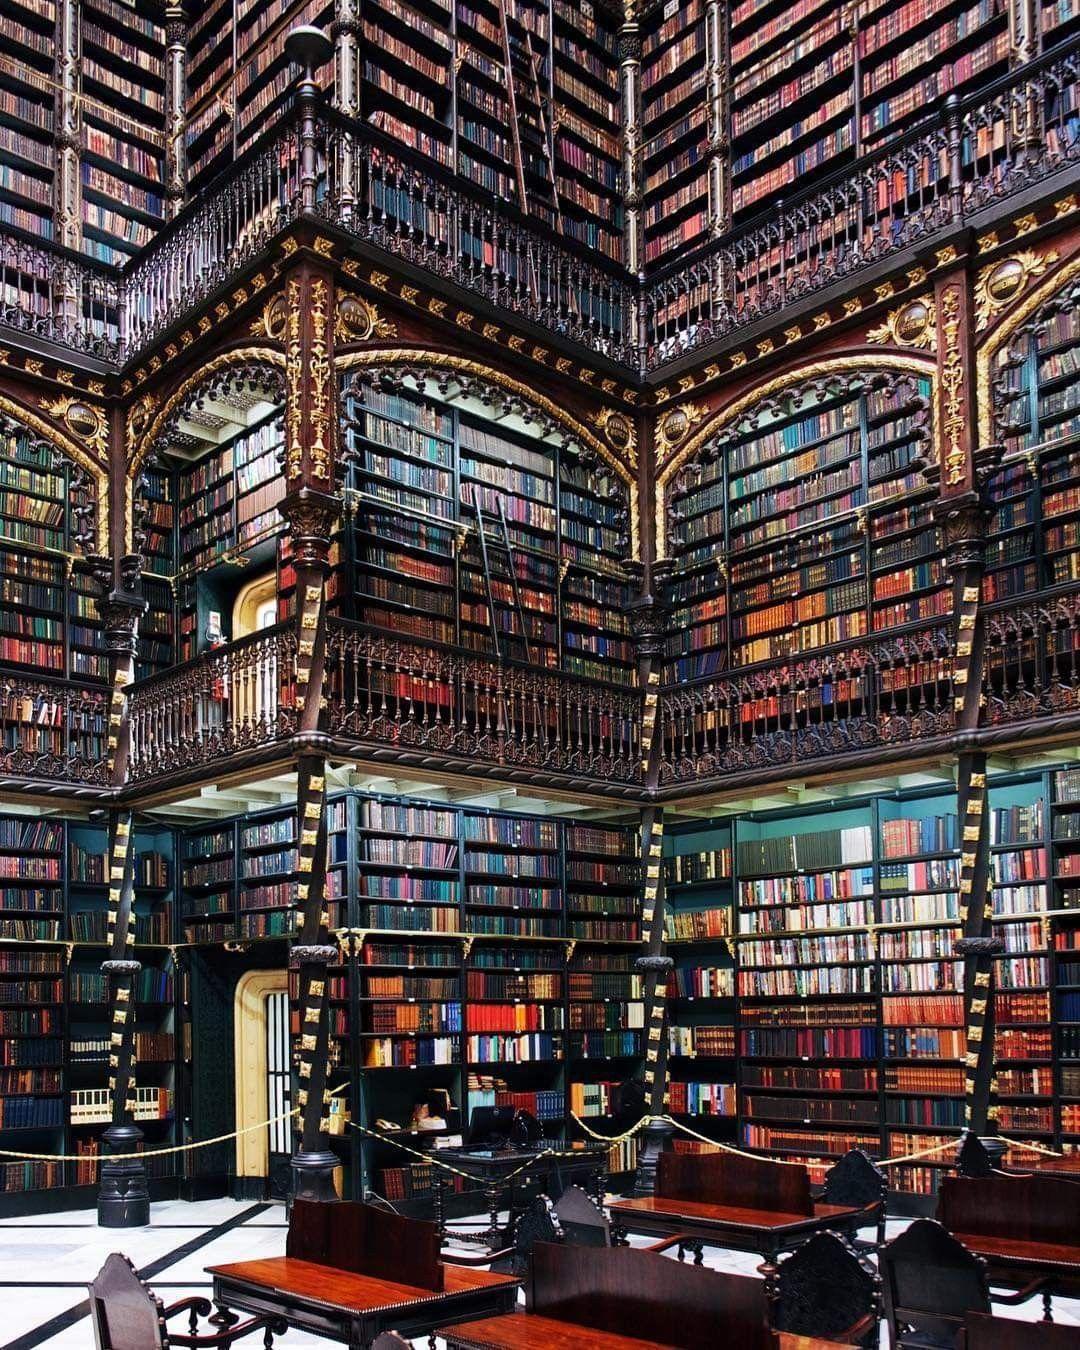 Royal Portuguese Cabinet Of Reading By Rafael Da Silva E Castro